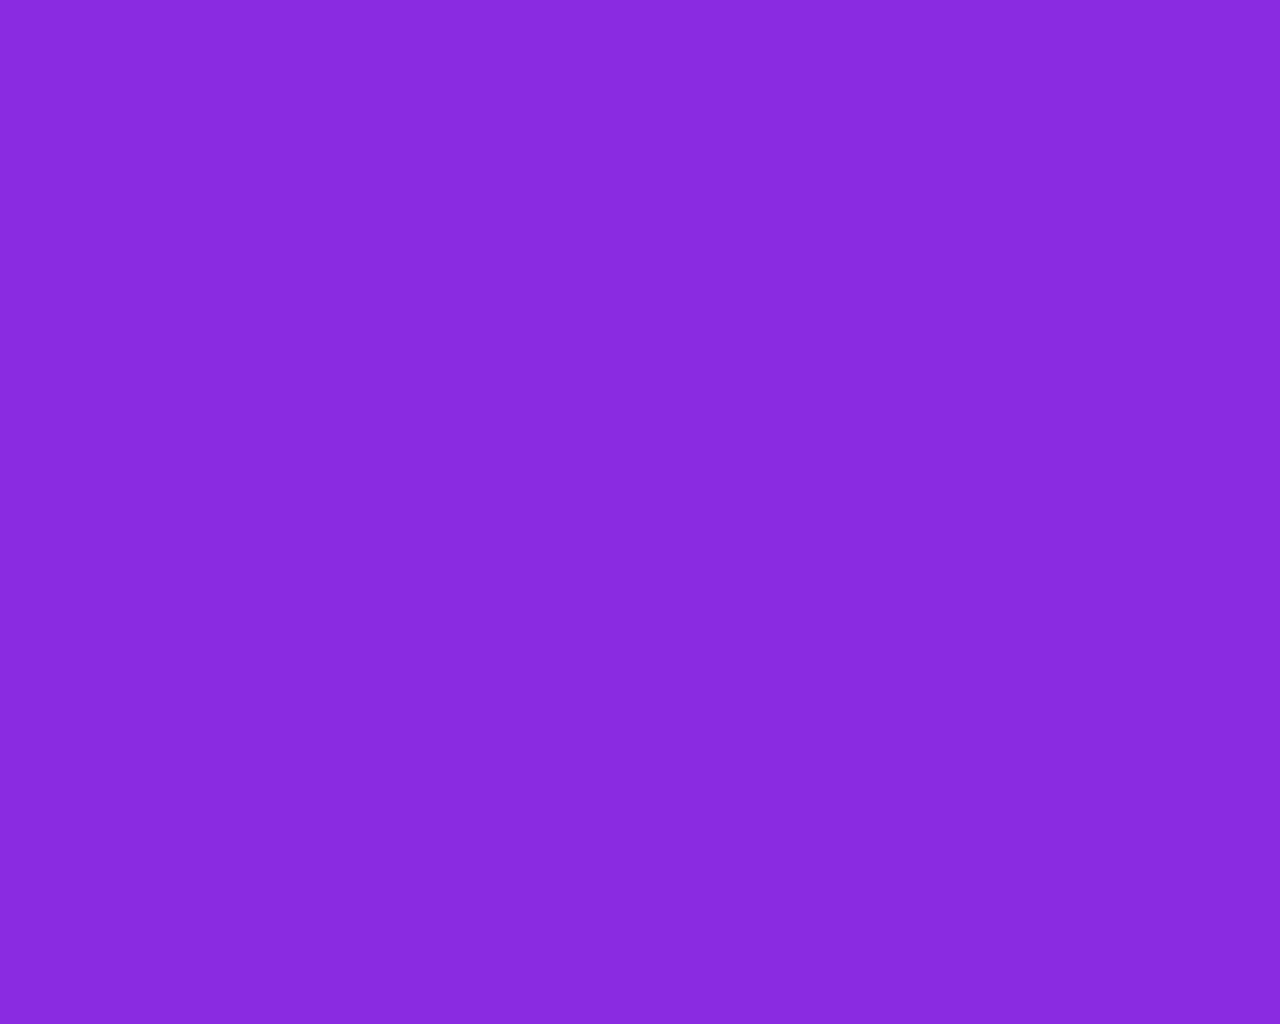 1280x1024 Blue-violet Solid Color Background